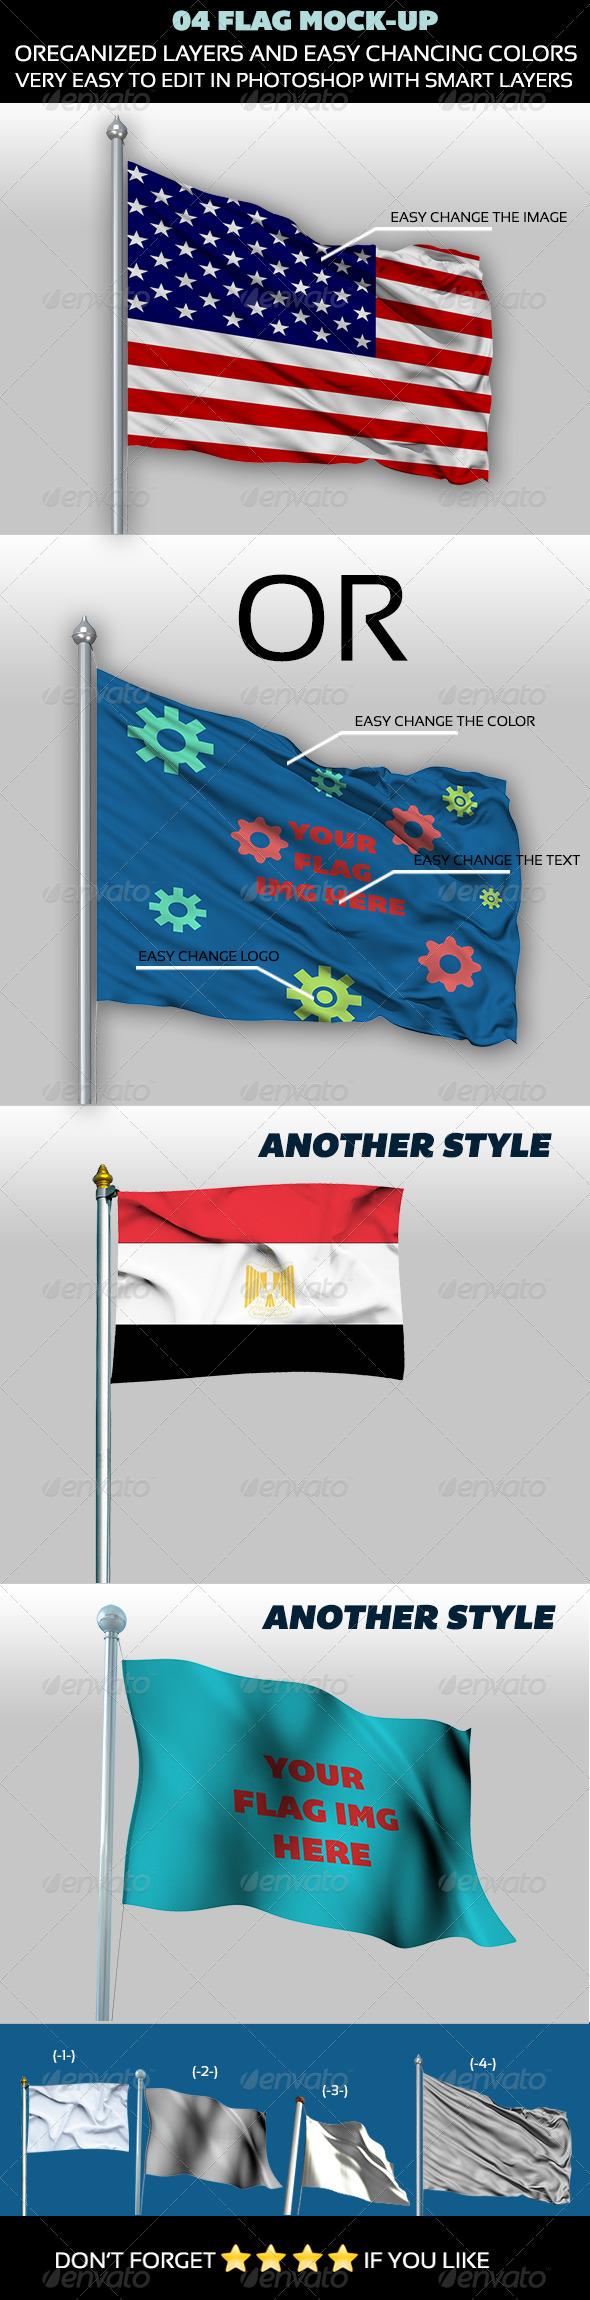 GraphicRiver 04 Flag Mock-up 4622519